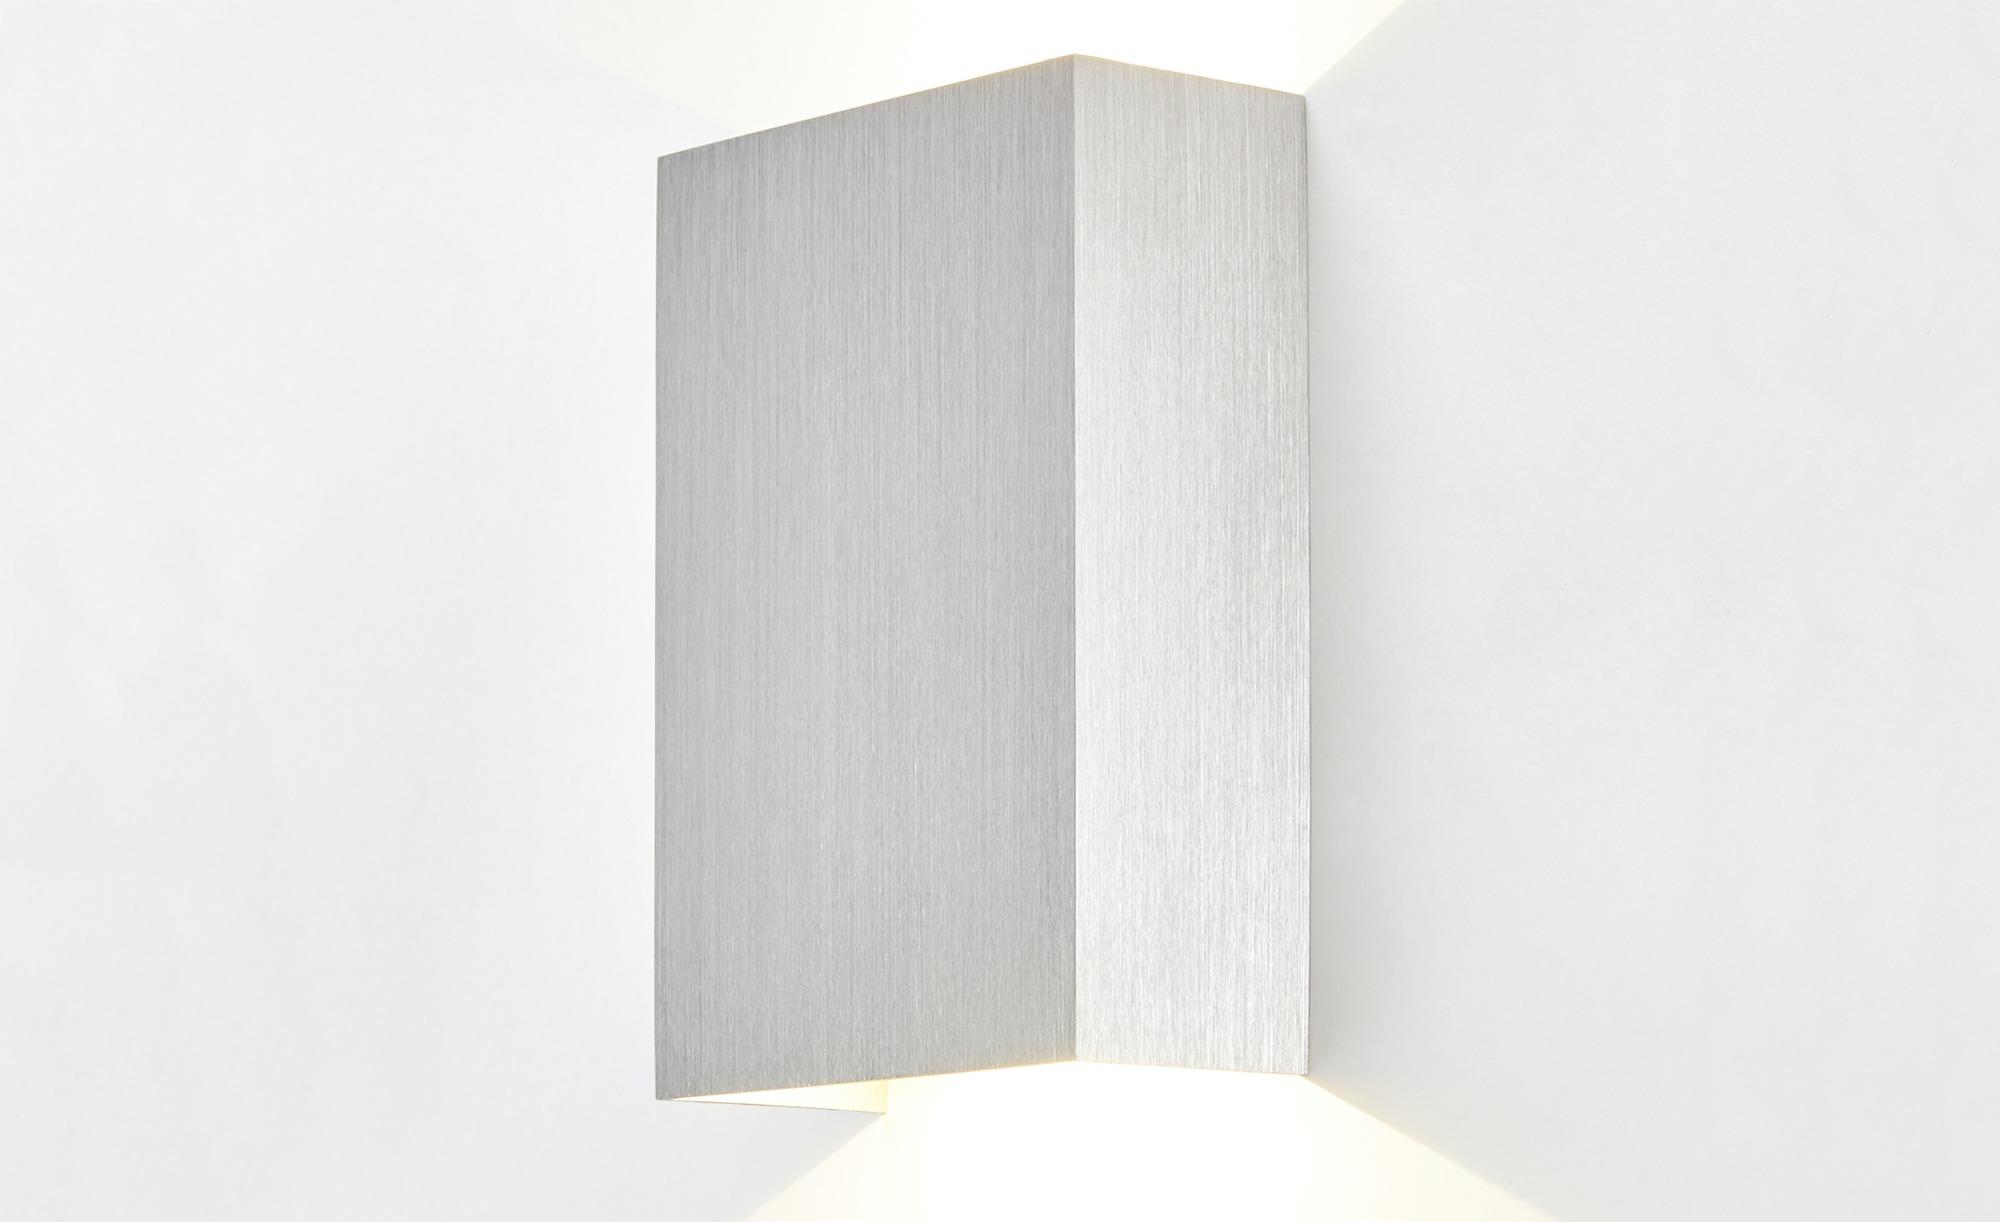 Meisterleuchten LED-Wandleuchte, 2-flammig Nickel matt ¦ silber ¦ Maße (cm): B: 10 H: 4,7 Lampen & Leuchten > Innenleuchten > Wandleuchten - Höffner